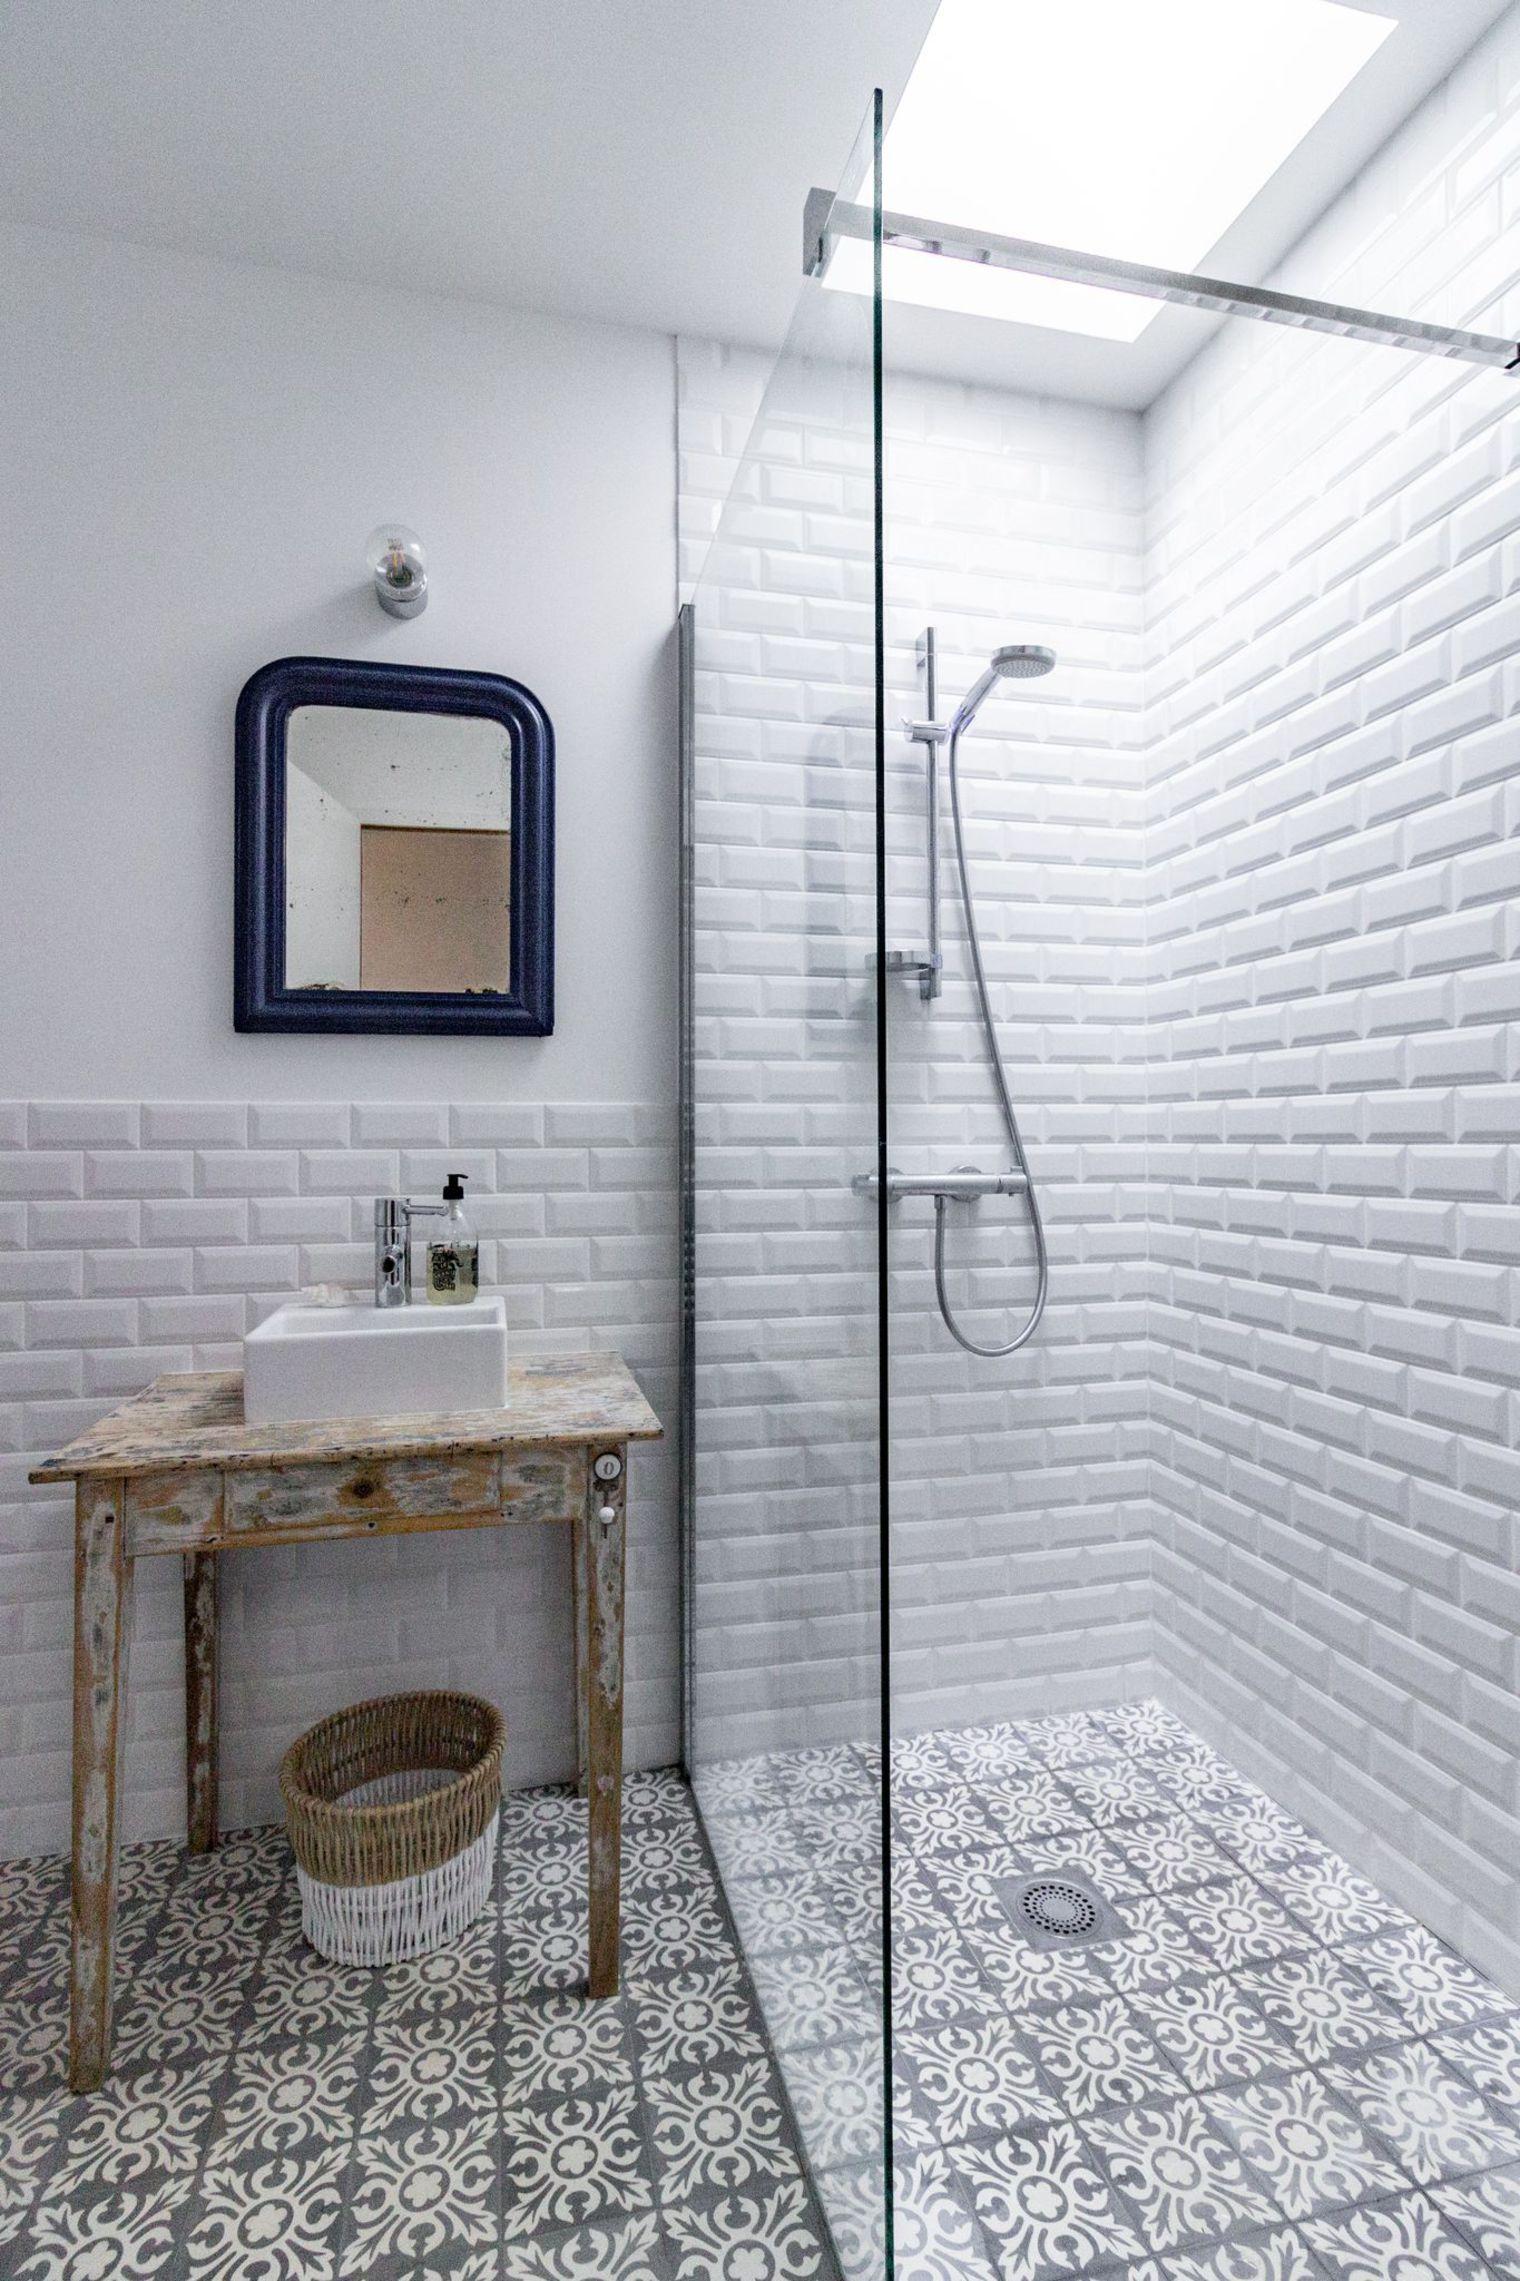 Faience Cuisine 2015 : Patroontegels en metrotegels combineren in de badkamer